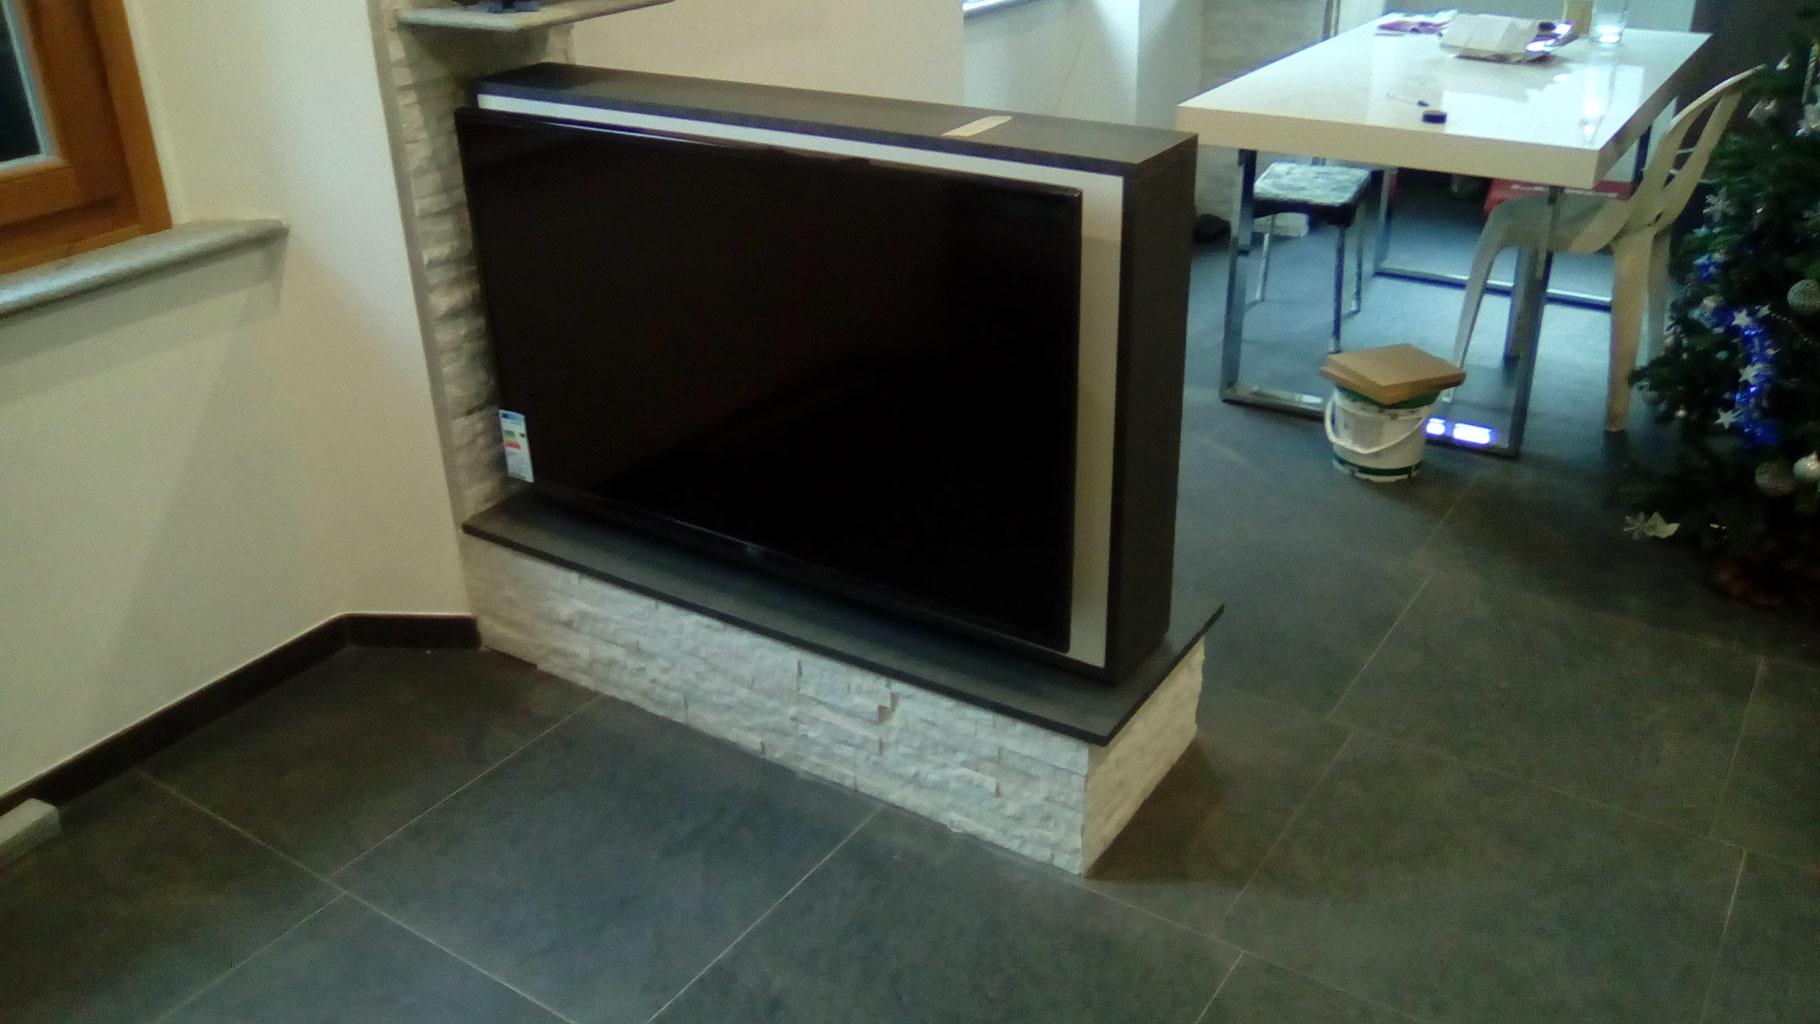 Pannello porta tv girevole 180 progettazione arredo realizzazione for Mobile porta tv girevole design